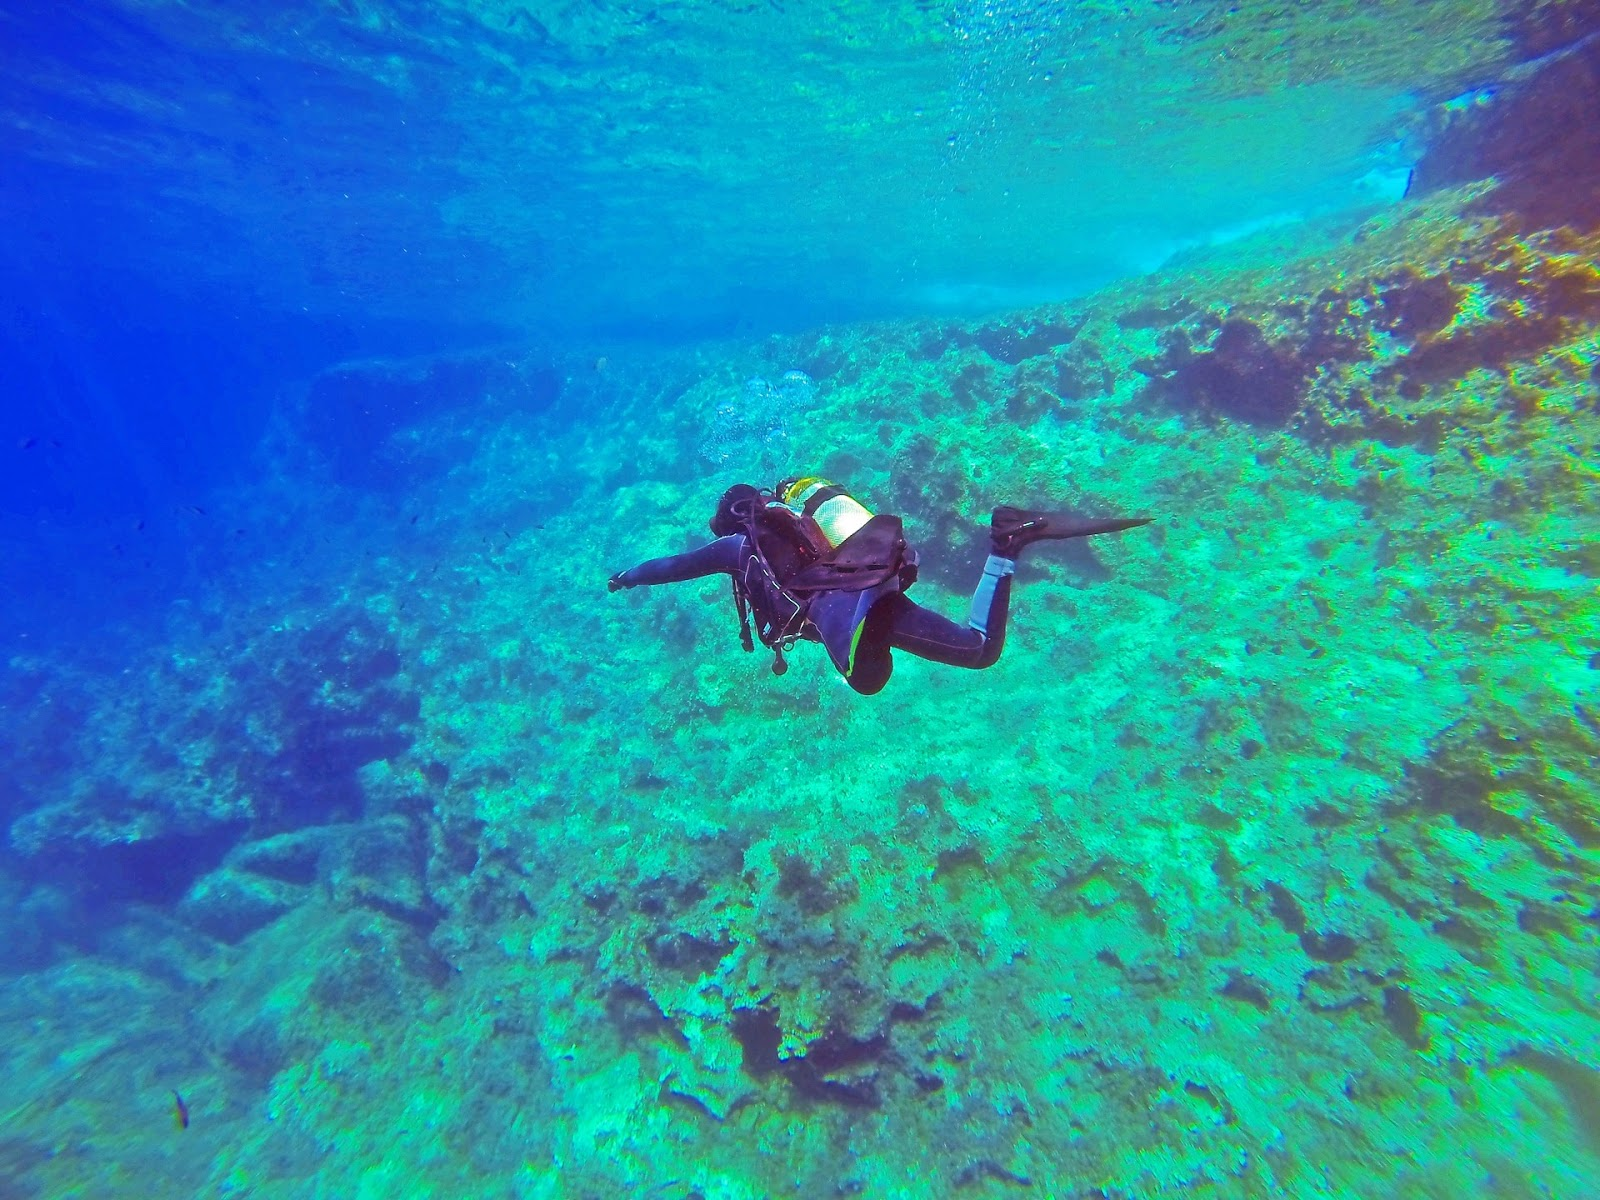 沖繩-沖繩潛水-沖繩浮潛-推薦-潛點-Okinawa-scuba-diving-snorkeling